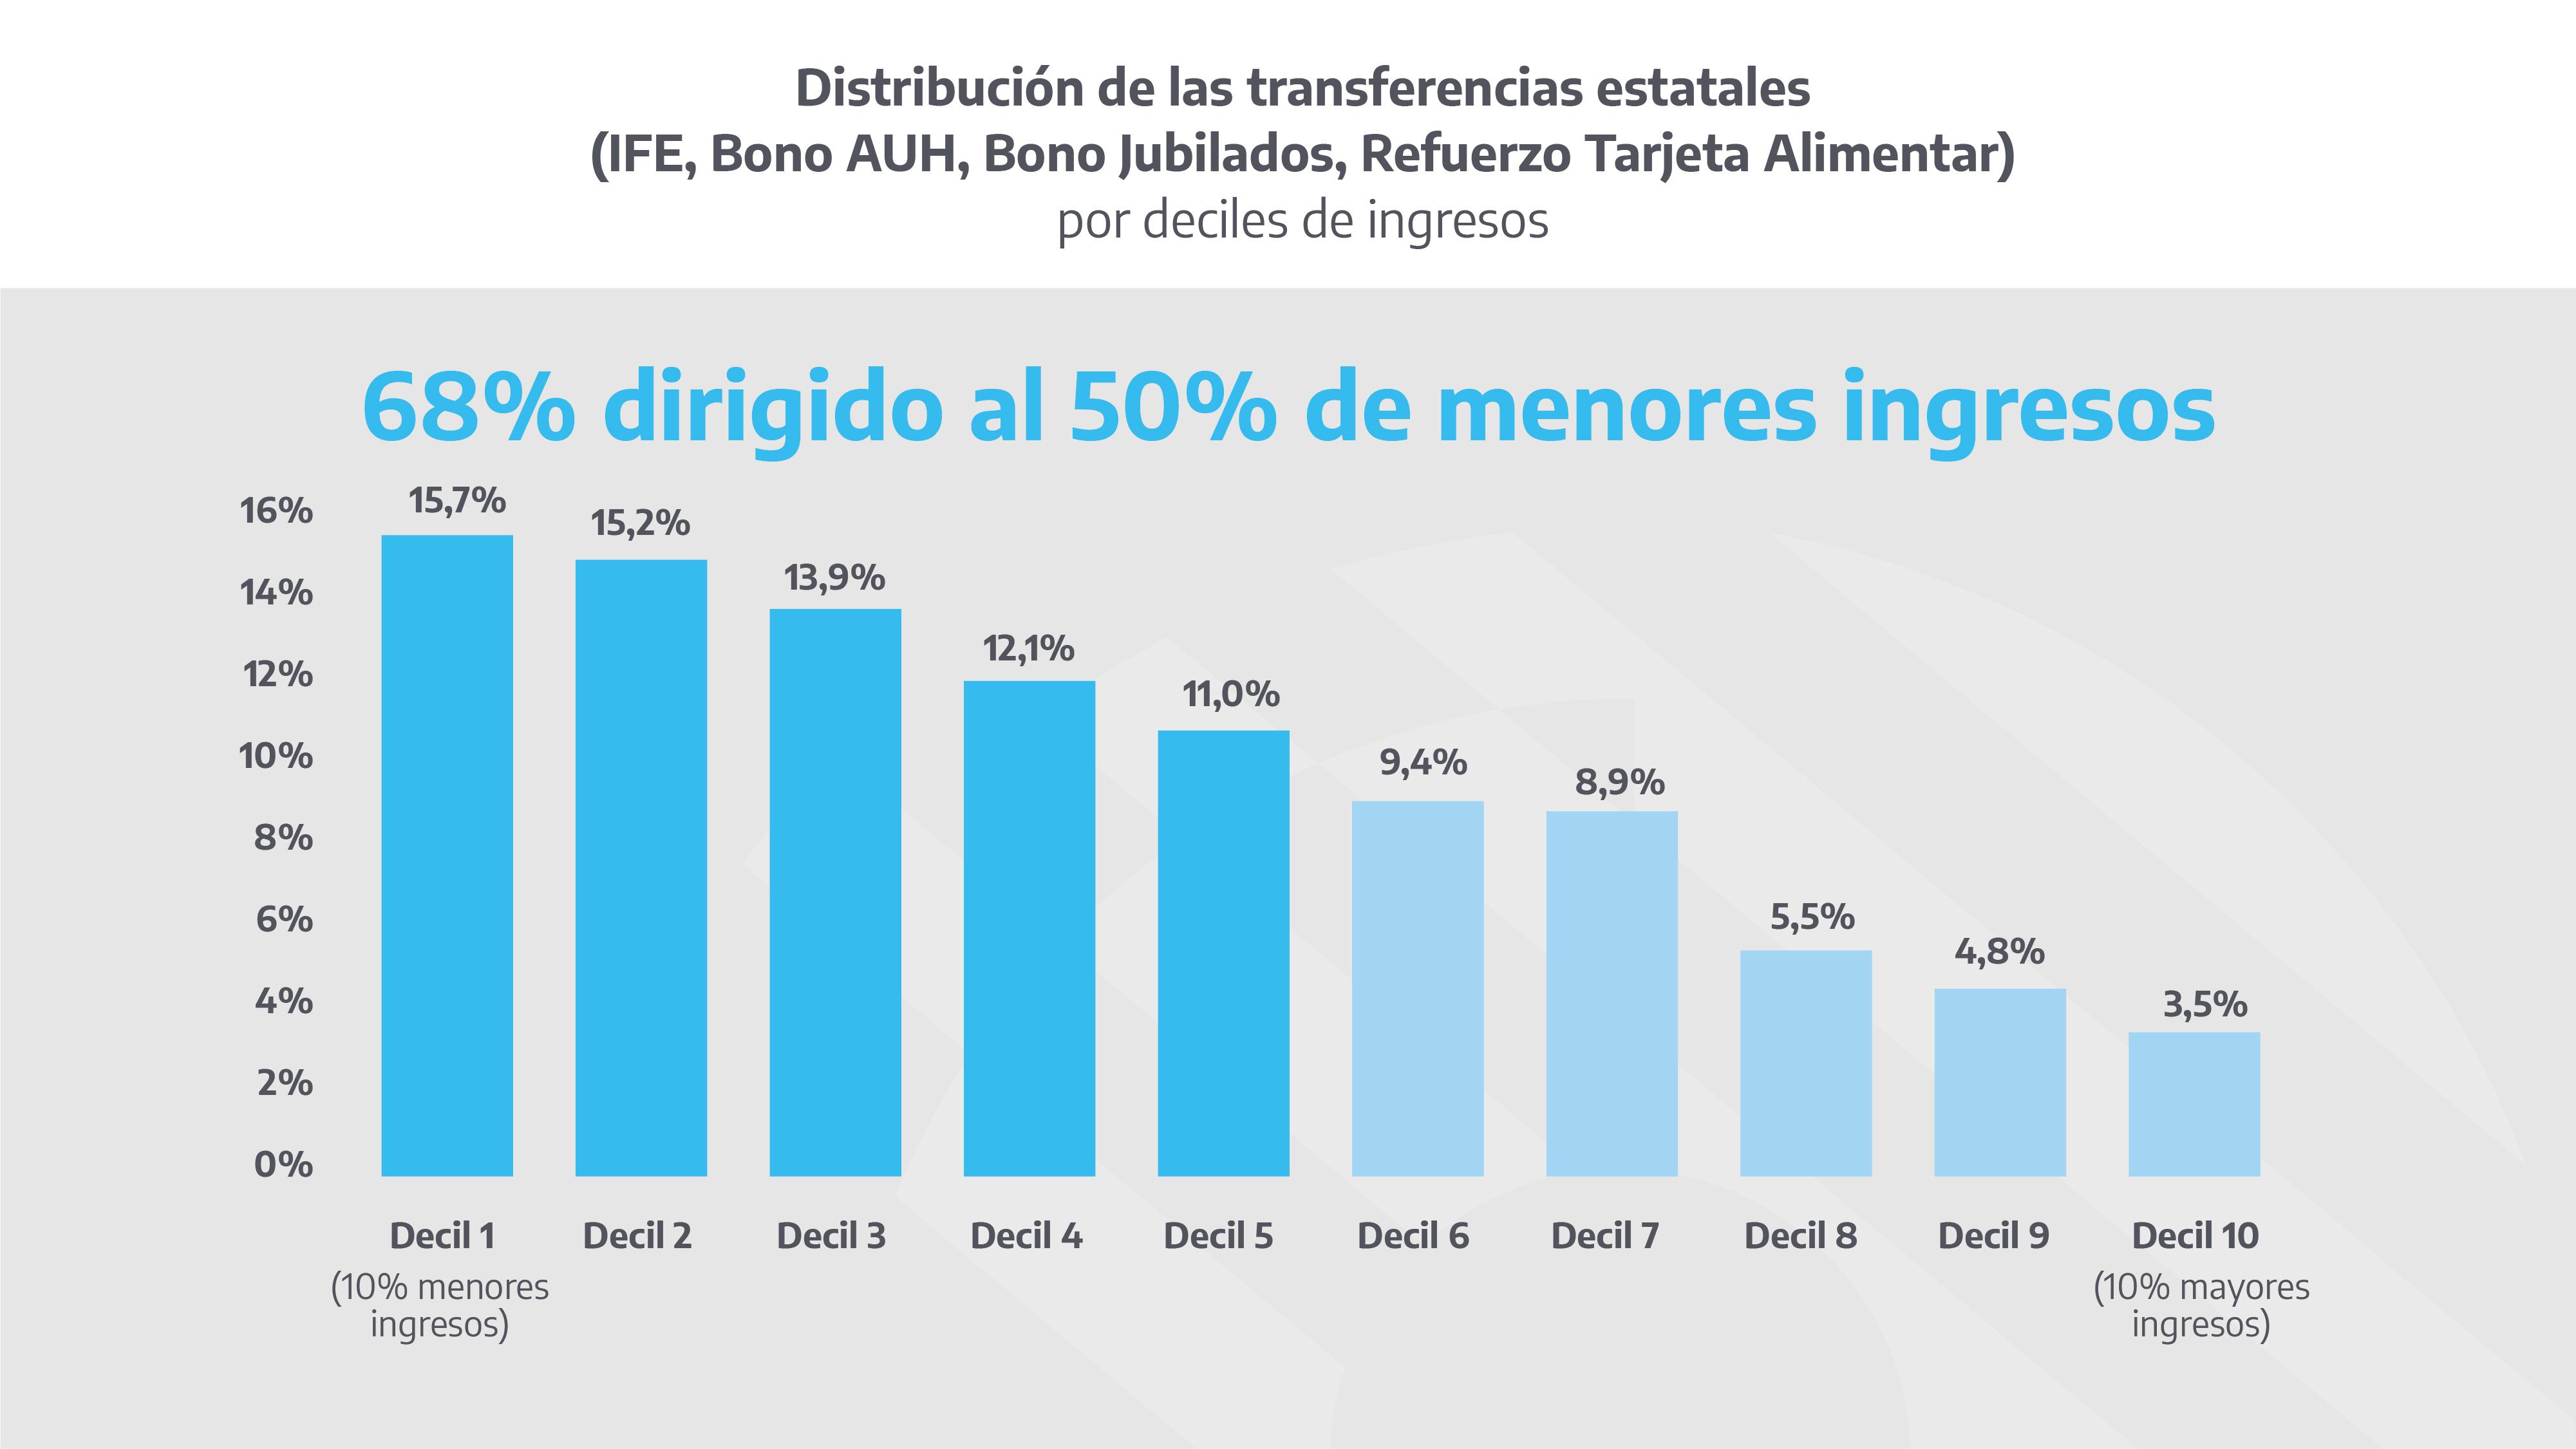 Gráfico: Distribución de las transferencias estatales